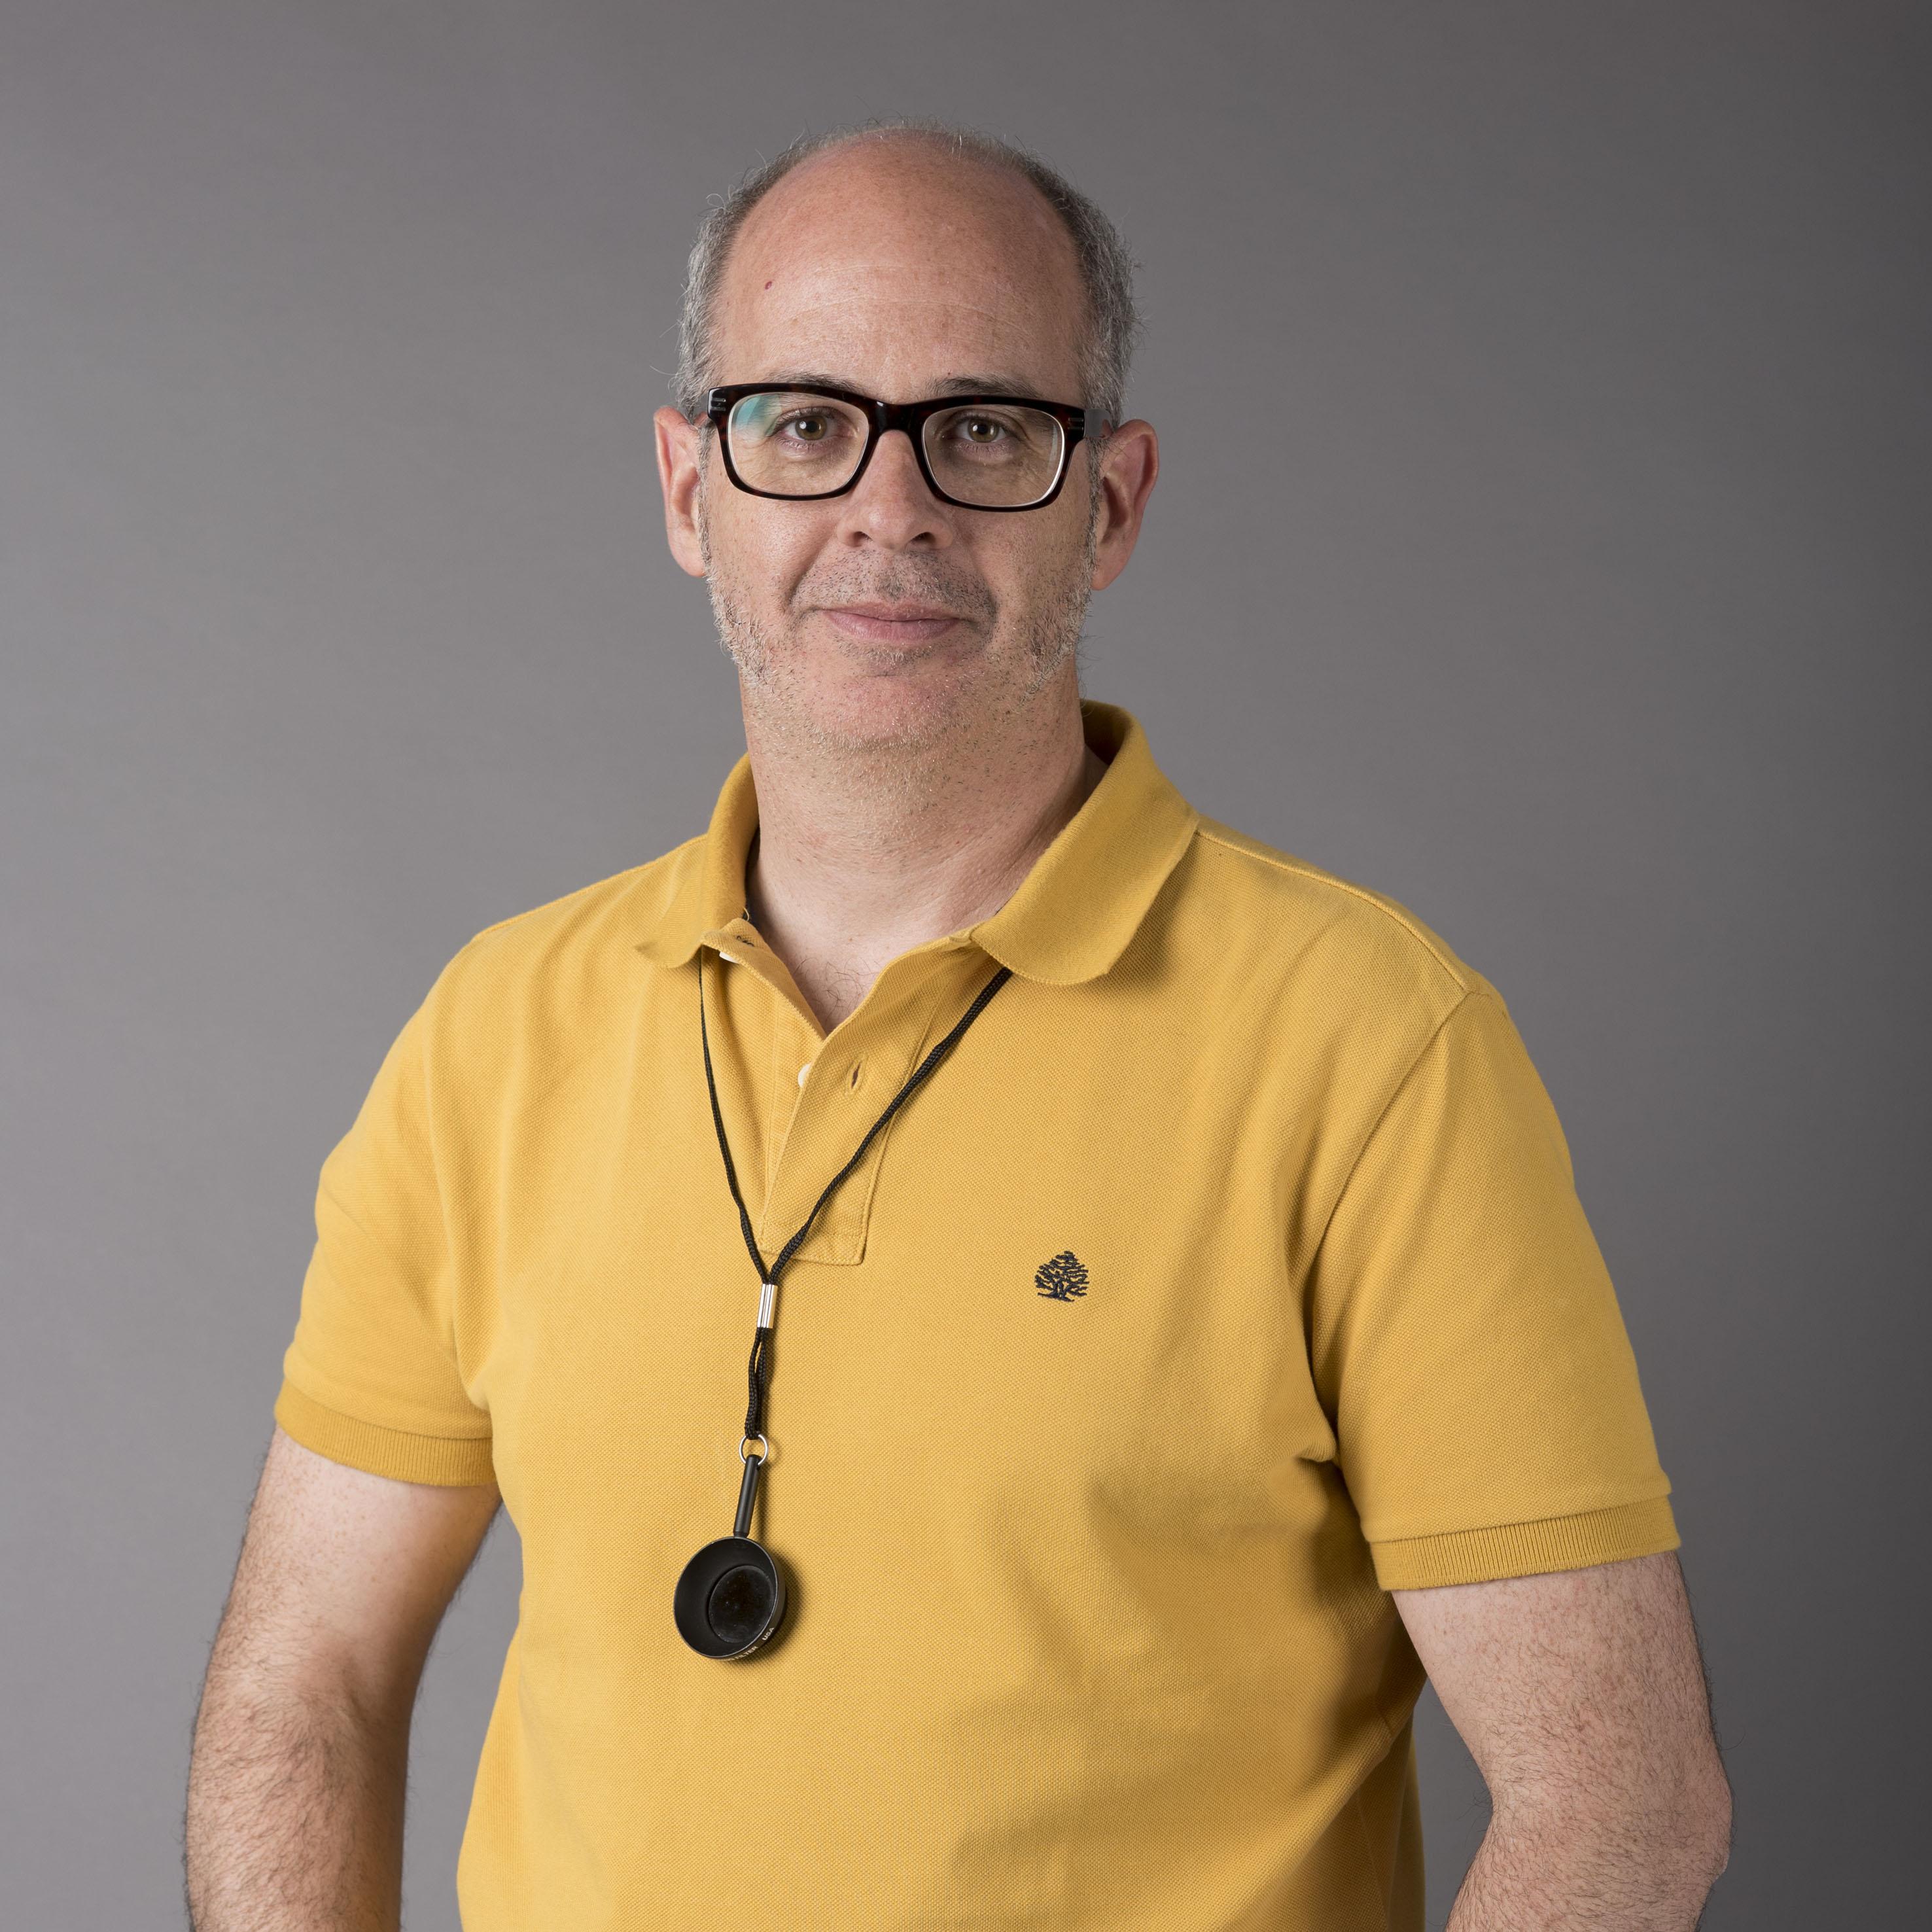 Luis-F.-Lorenzo_iluminacion_director_de_fotografia_Carlos_Lorenzo_filmmaker_bodas_producciones_eventos_videos_anuncios